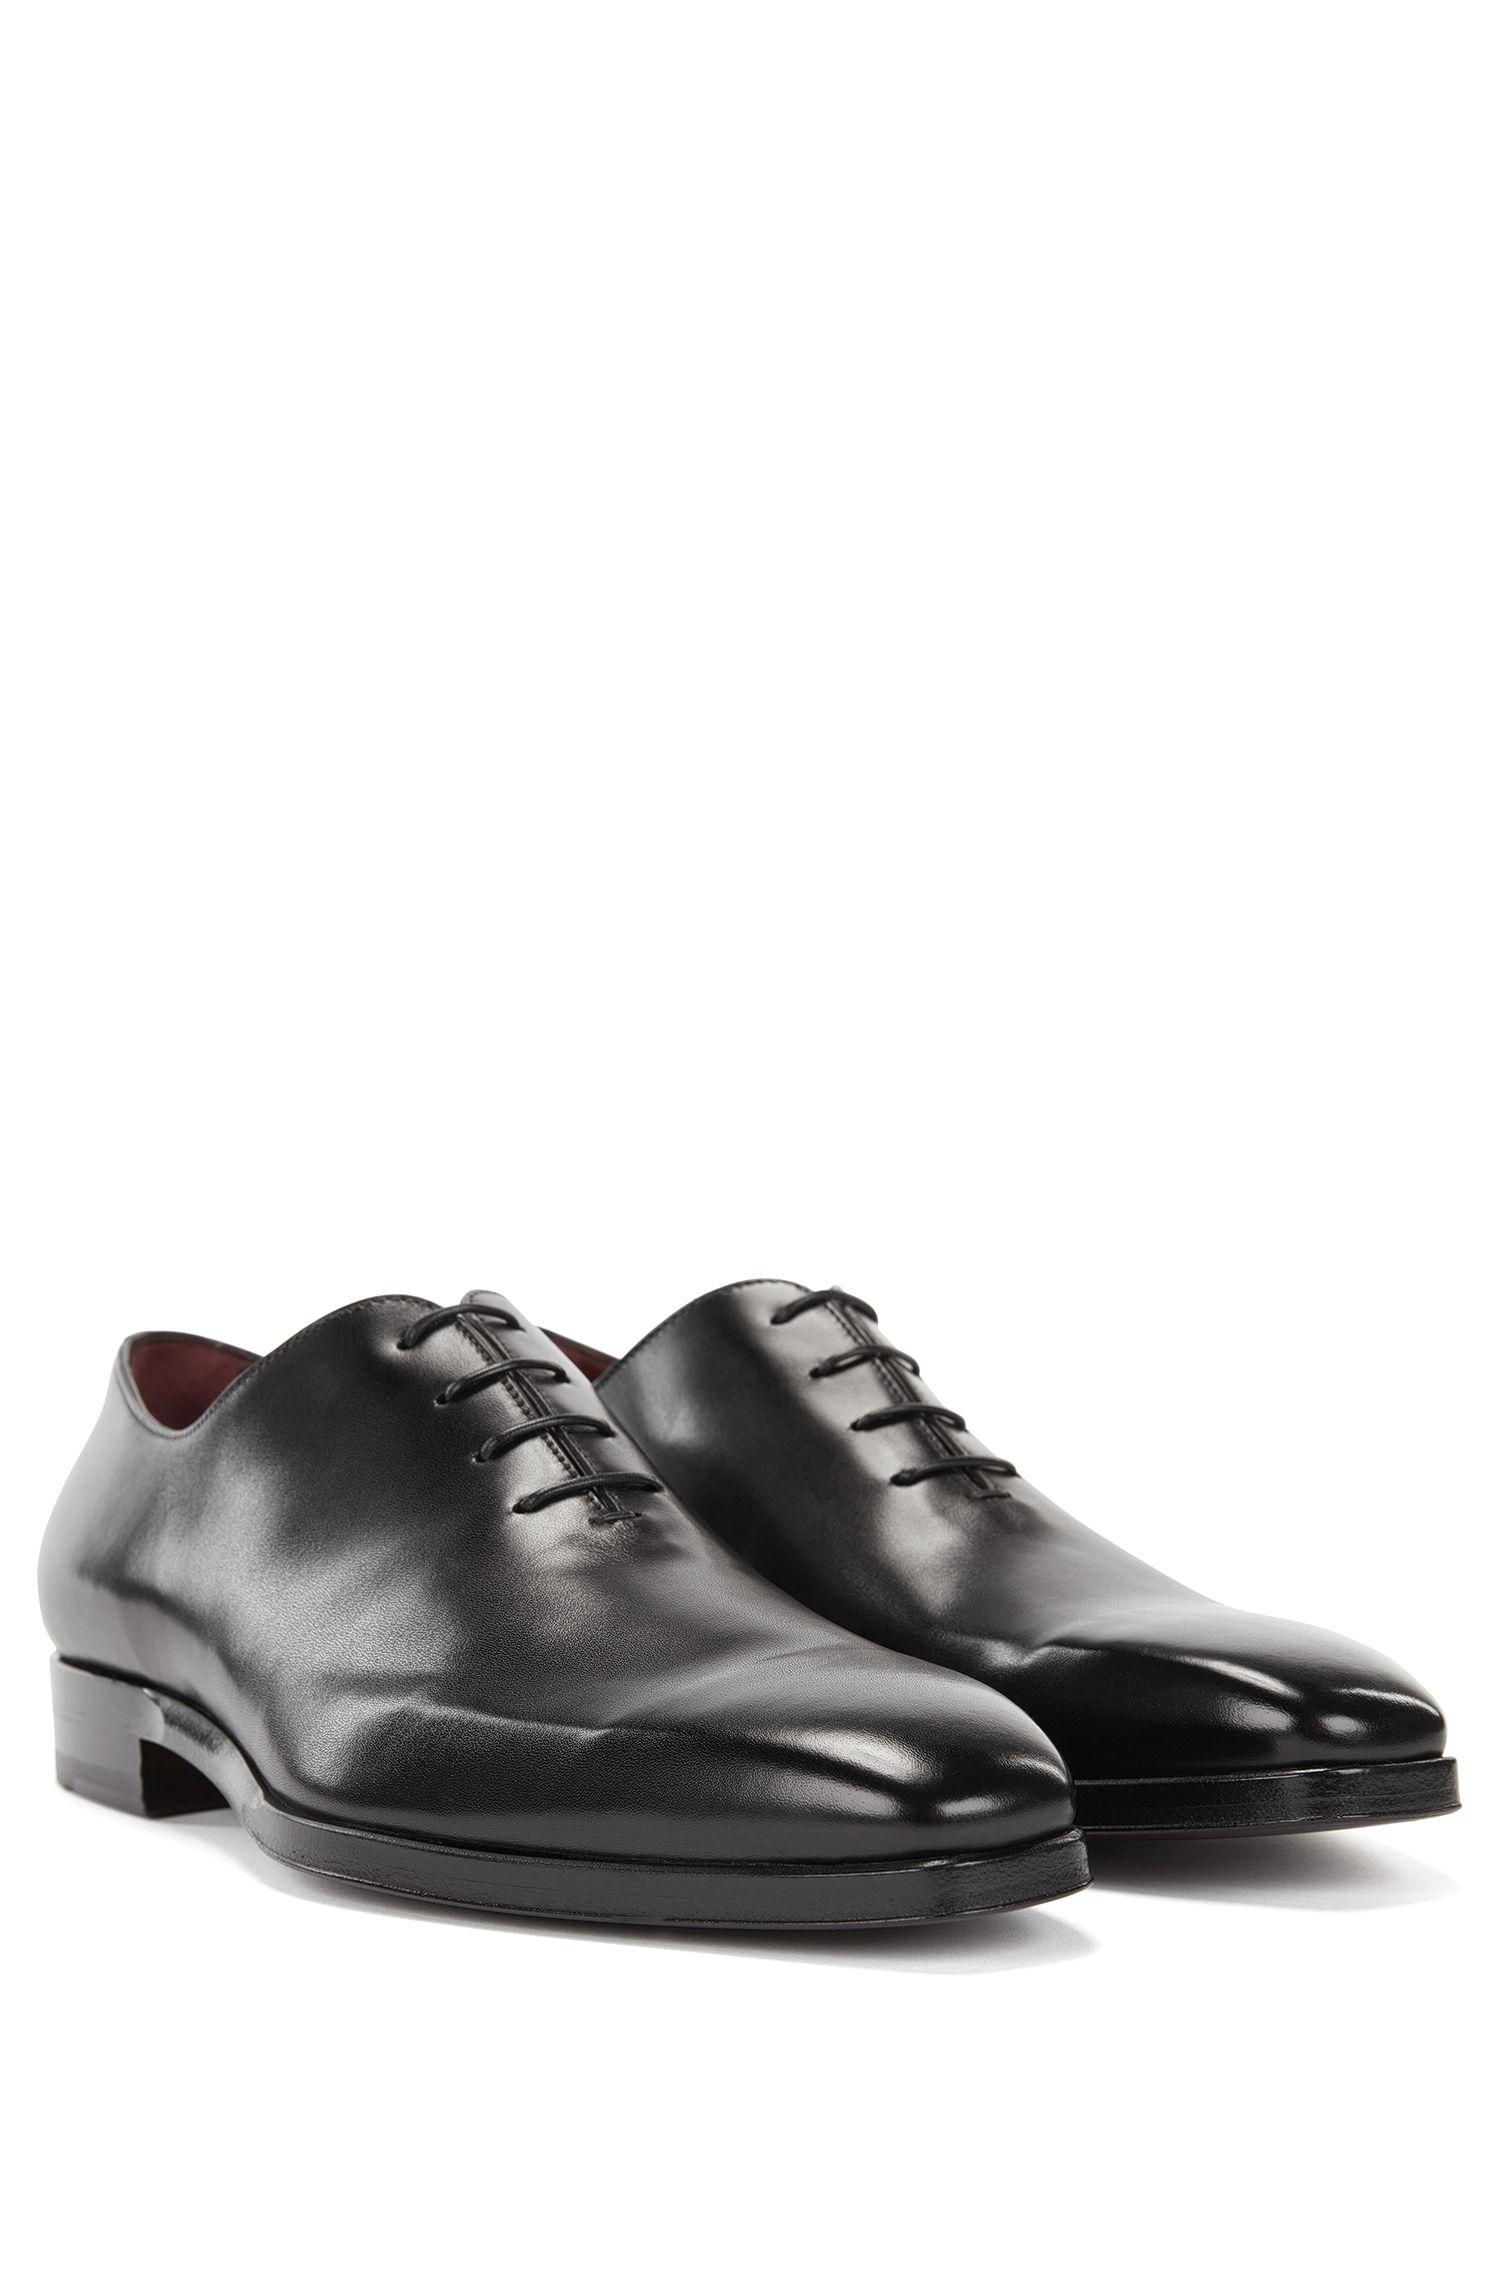 Chaussures Chaussures Oxford poli Oxford en cuir q54xRv56